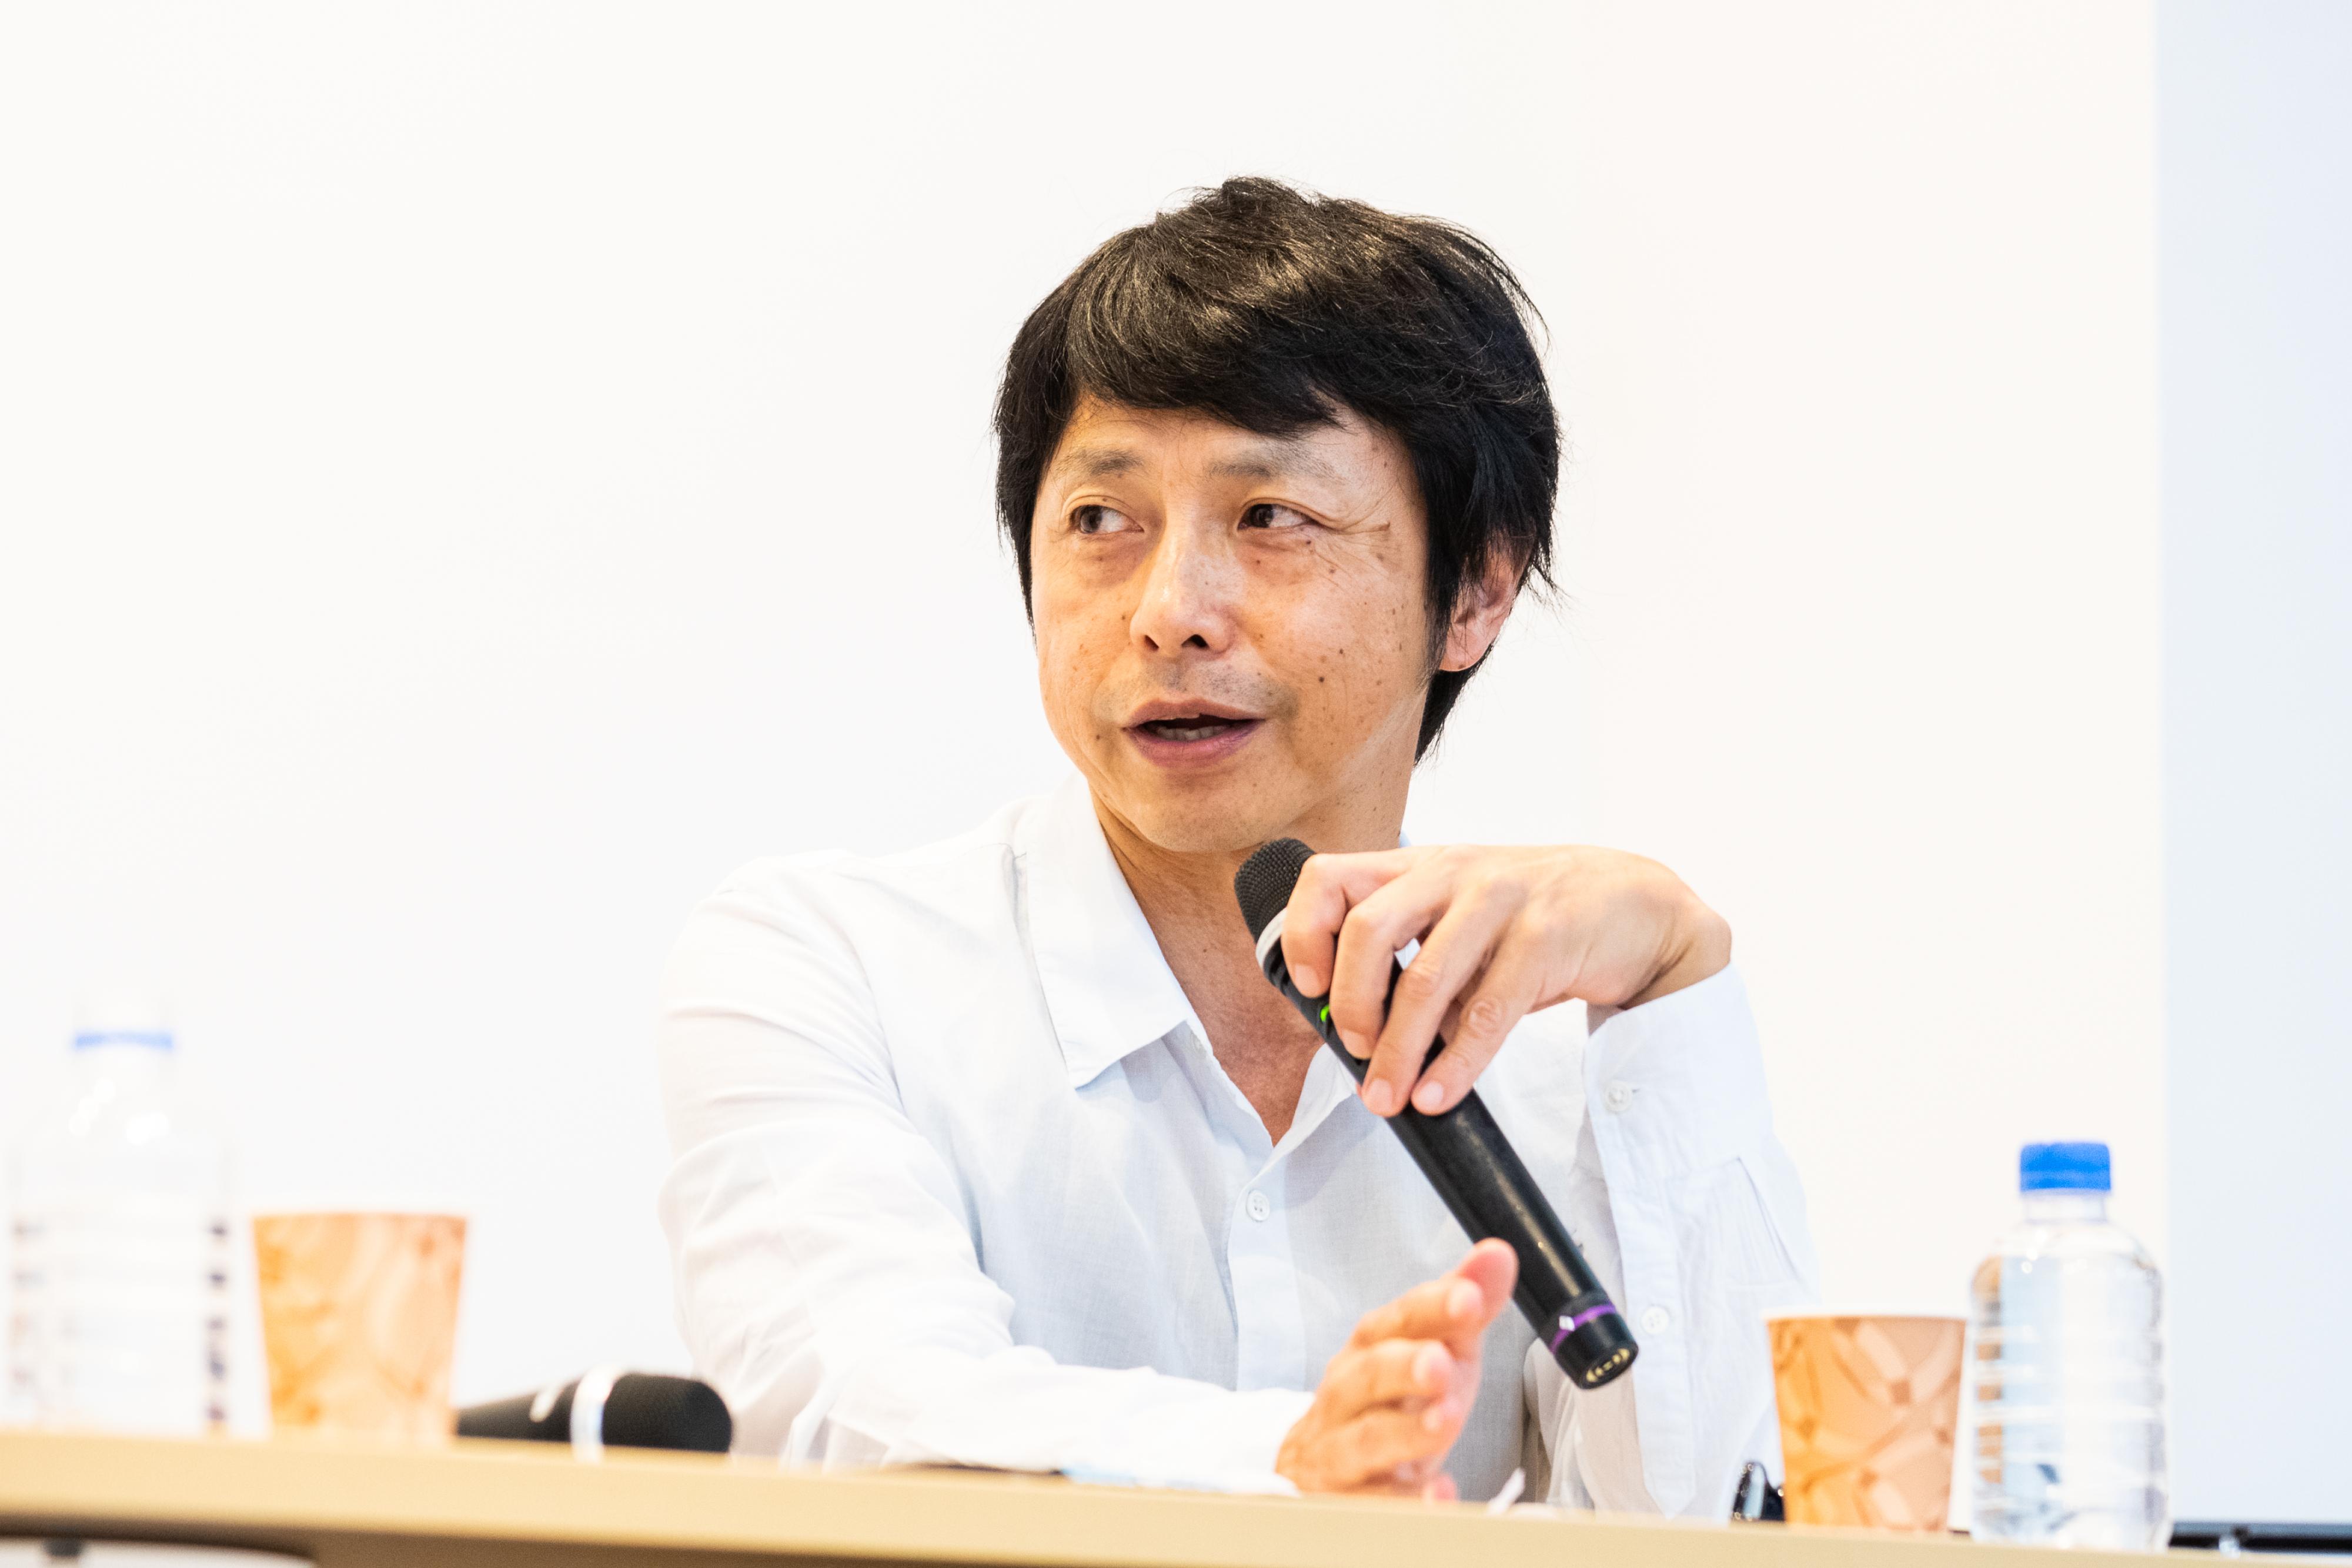 株式会社セプテーニ・ホールディングス 代表取締役 グループ上席執行役員 上野 勇 氏